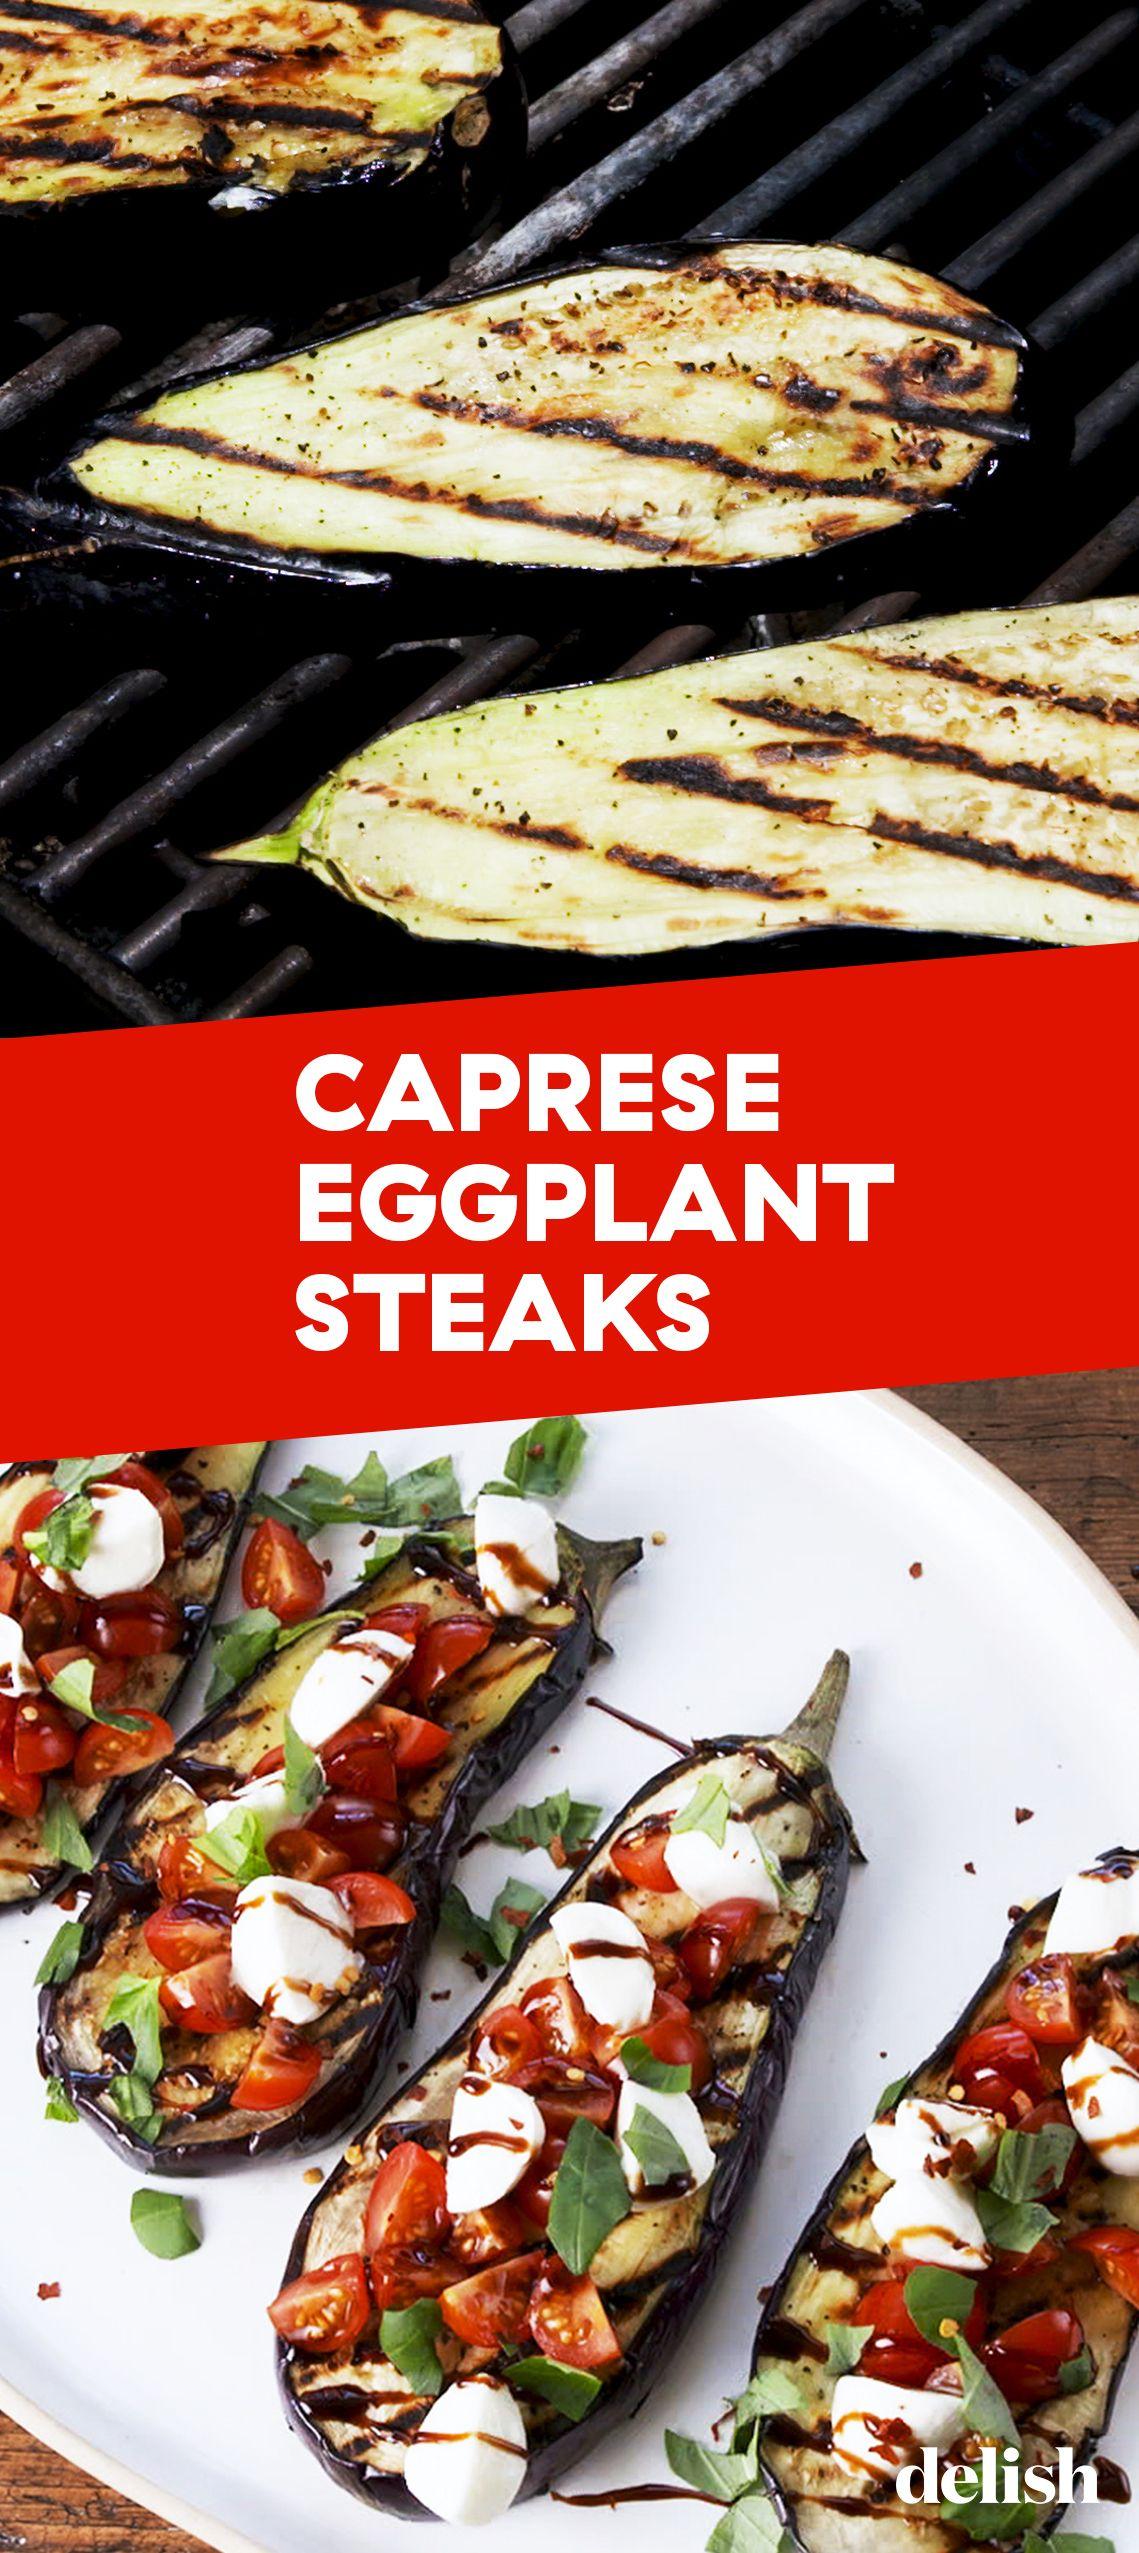 Caprese Eggplant Steaks Recipe Roasted Vegetable Recipes